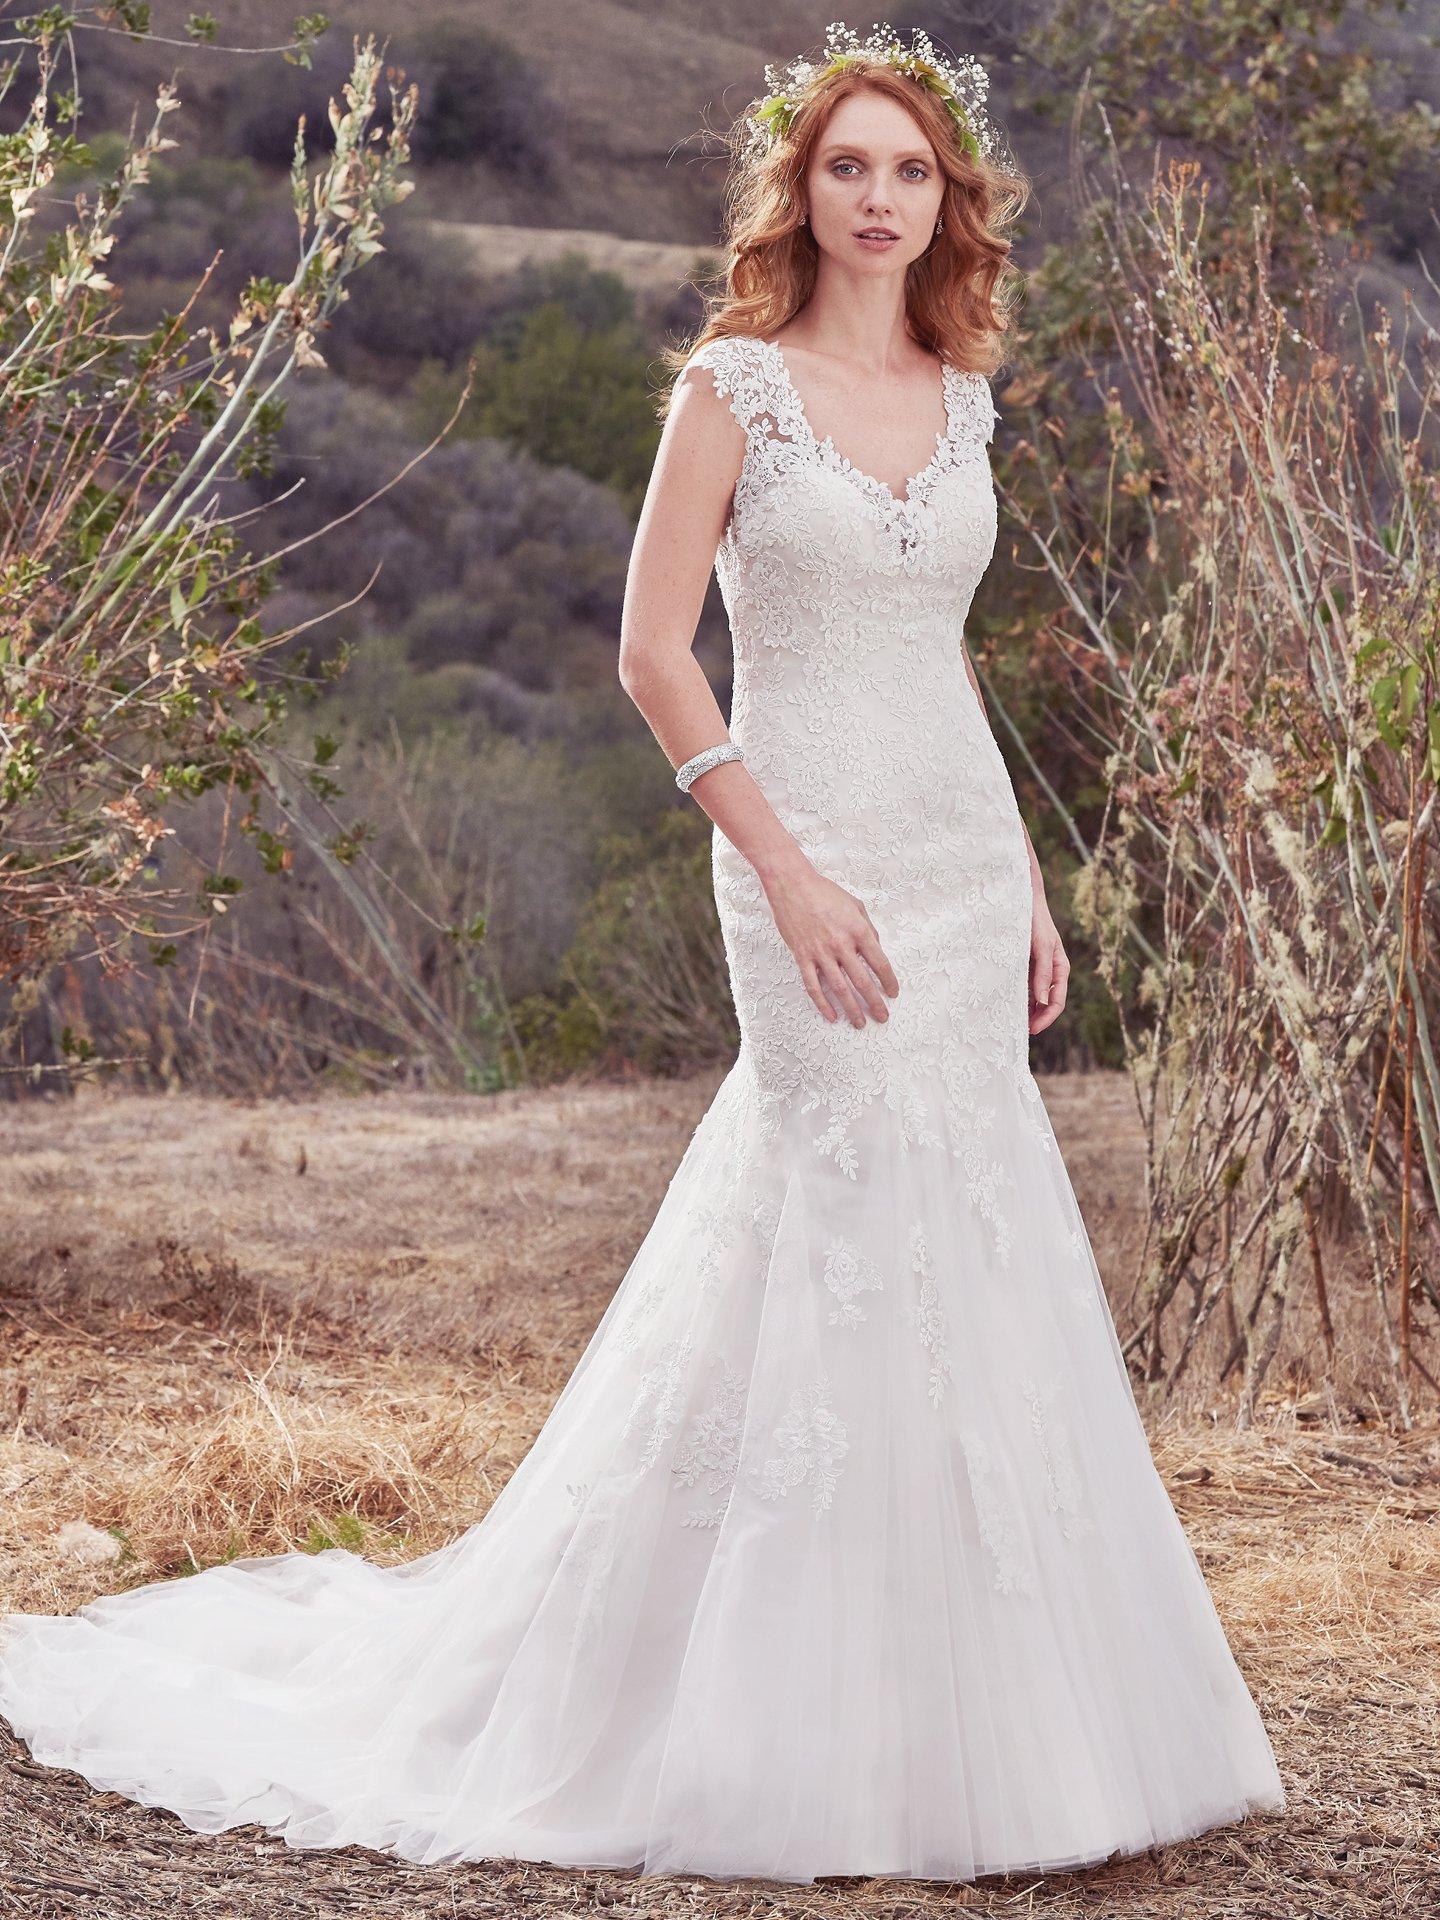 Maggie Scottero Wedding Dress